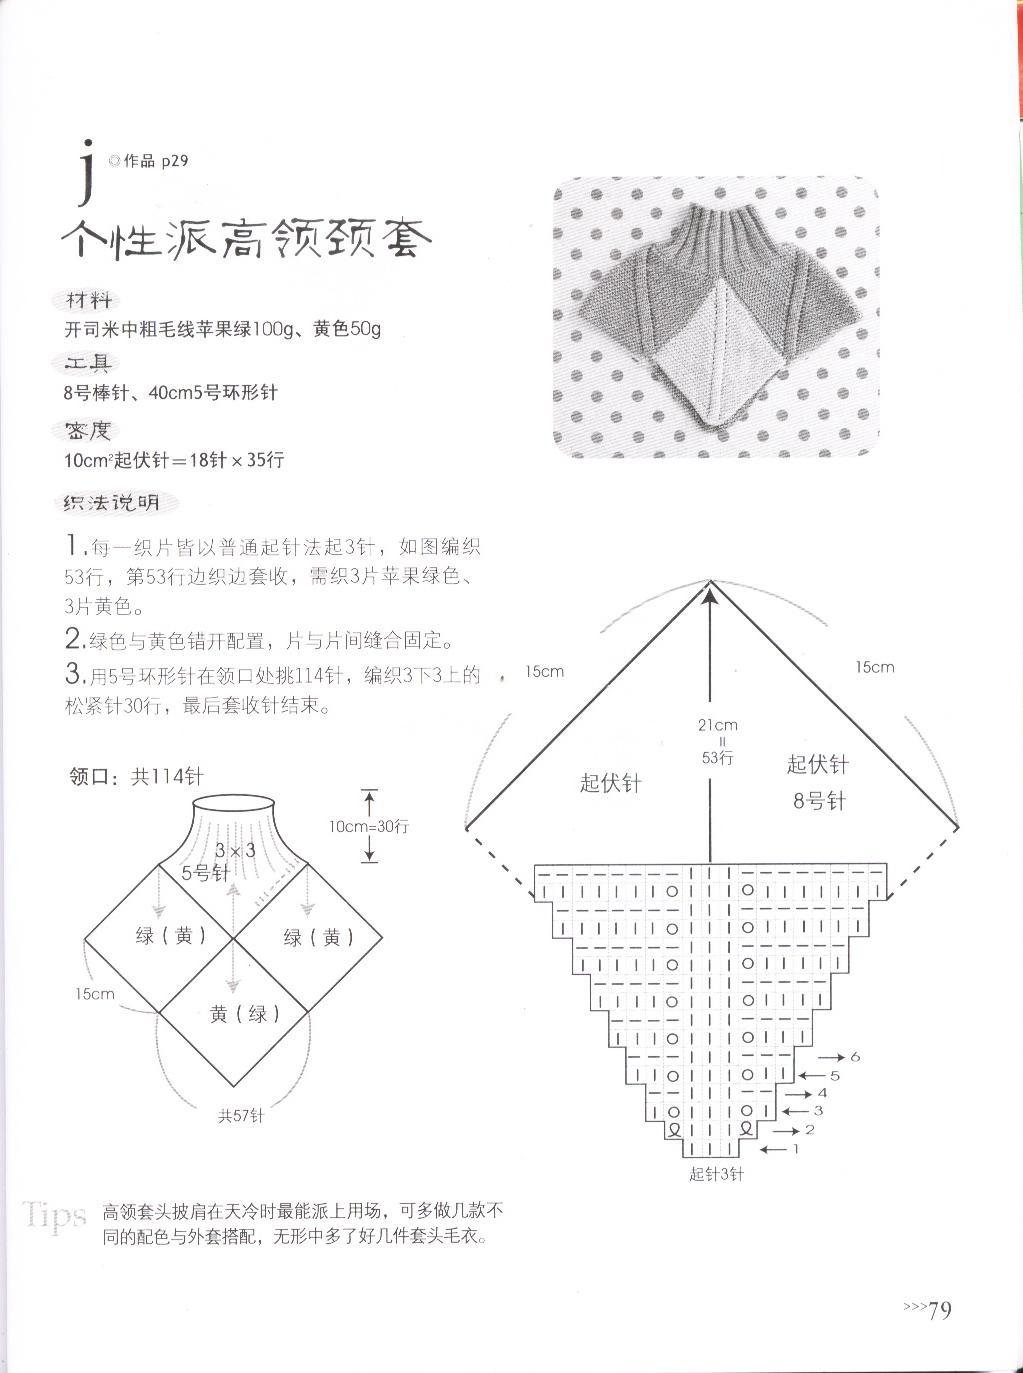 Плед крючком - 13 моделей со схемами, описанием и видео мк 37